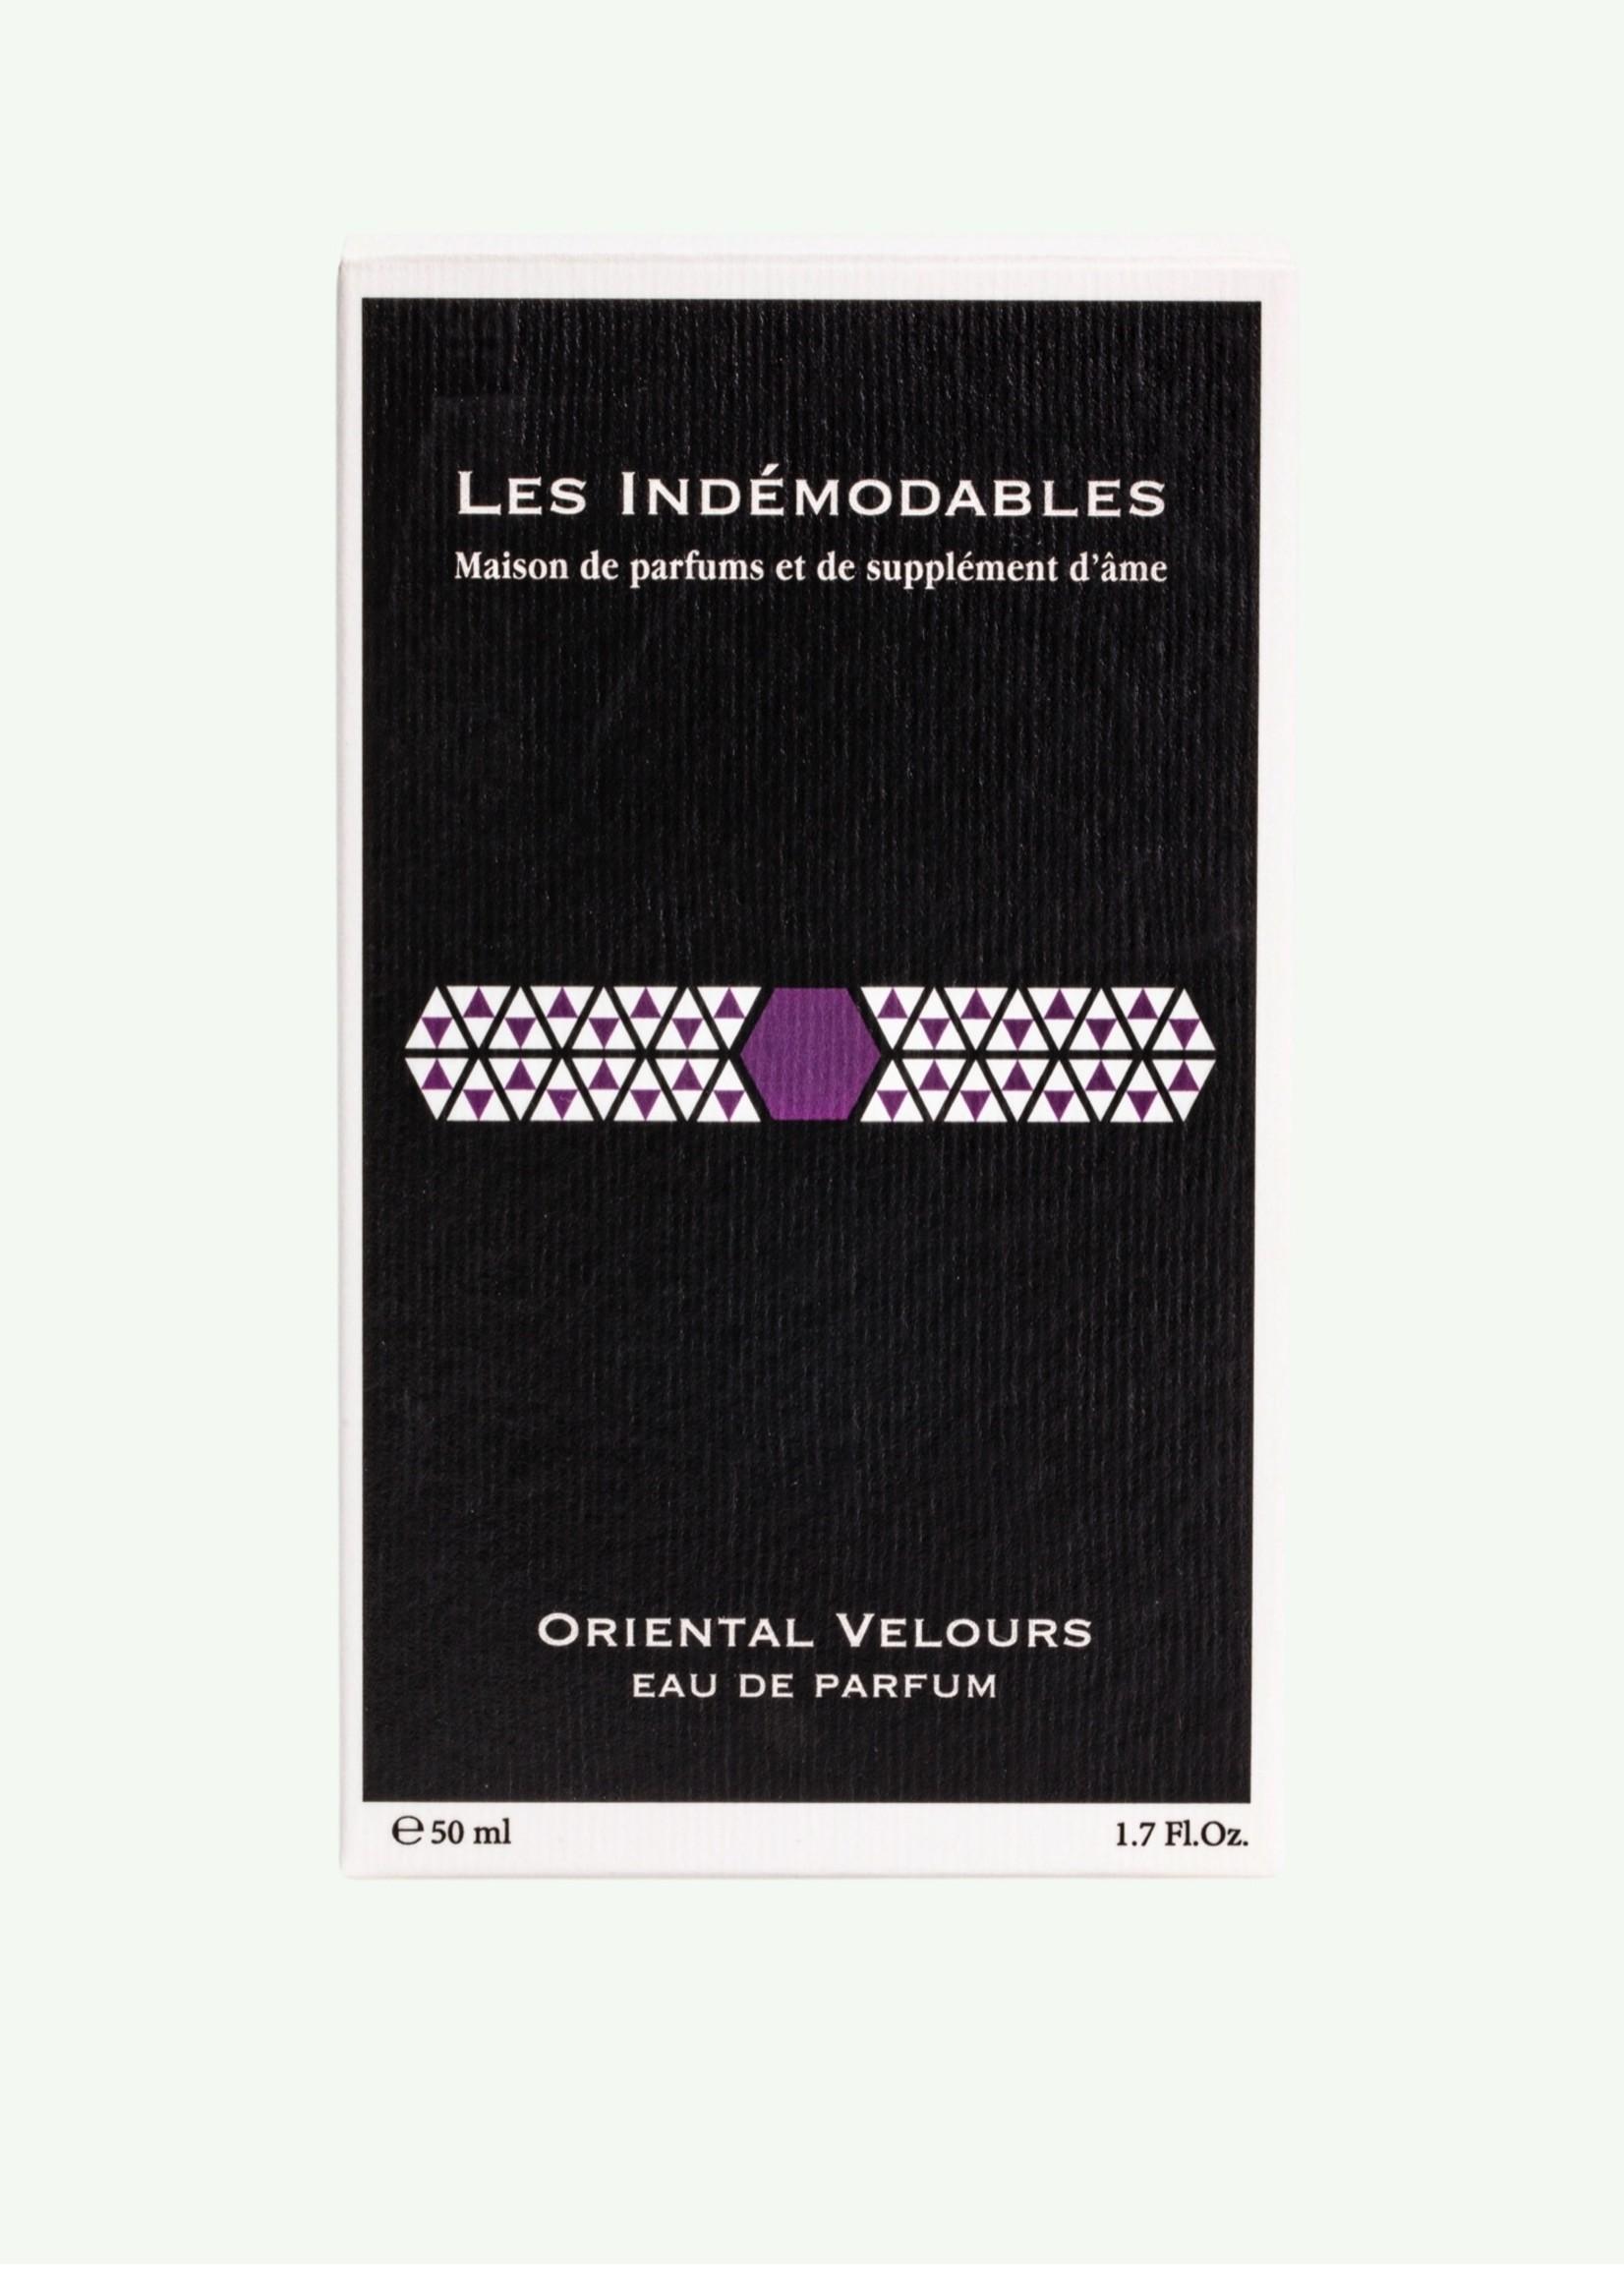 Les Indémodables Les Indémodables - Oriental Velours - Eau de Parfum